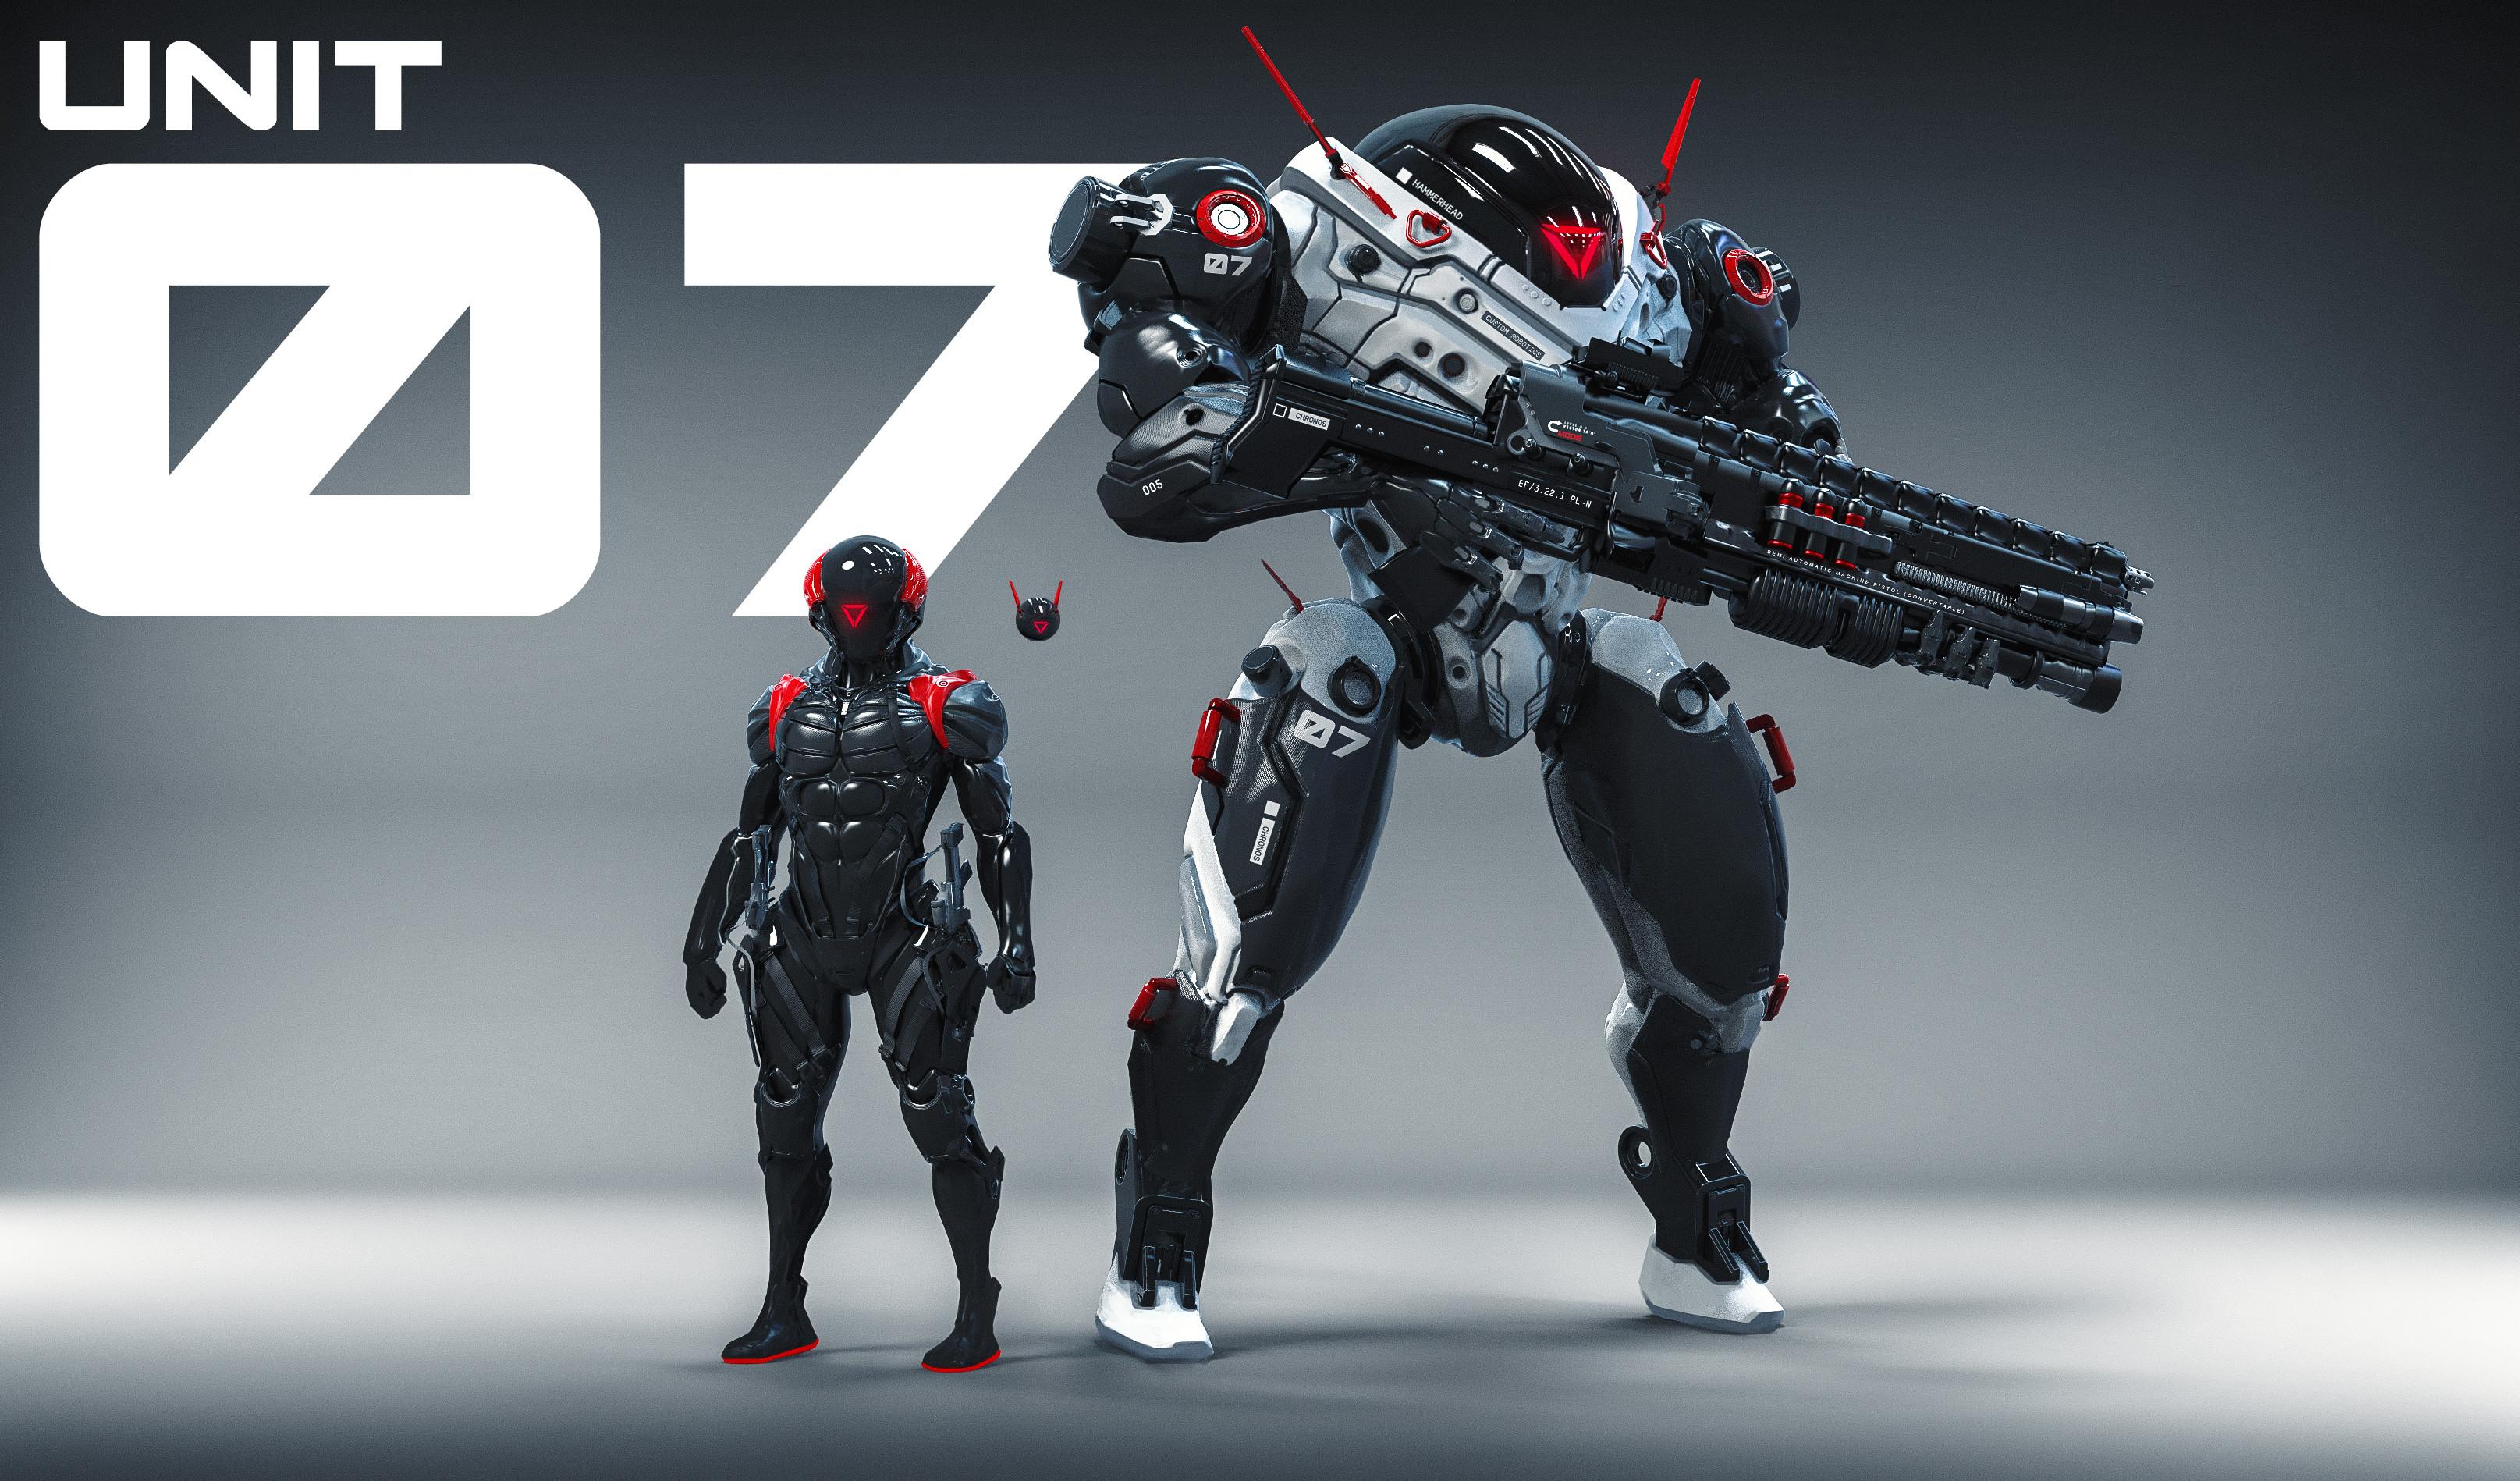 Unit-07